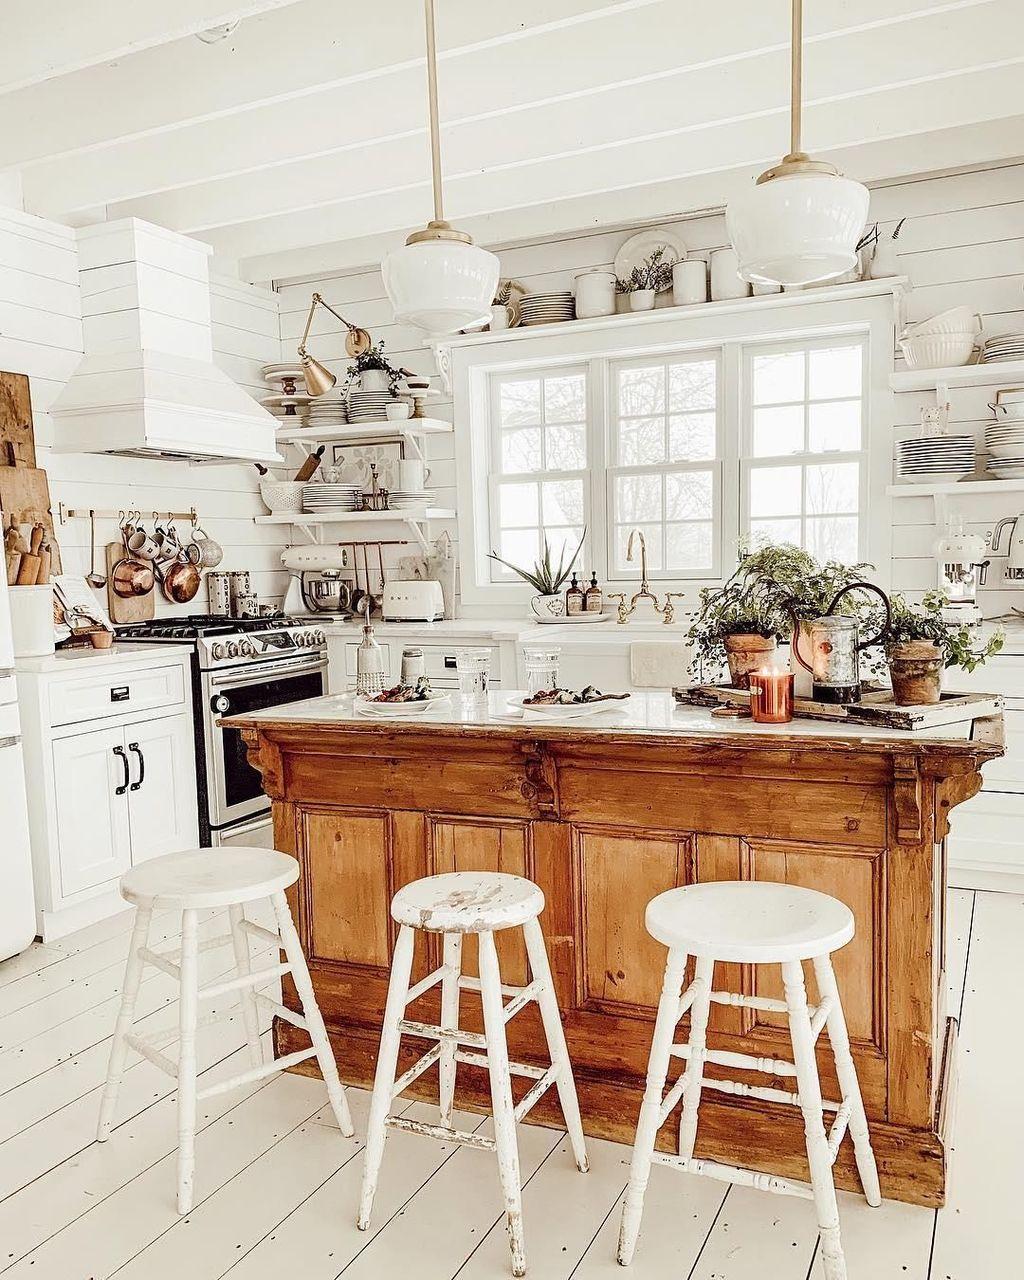 Amazing Organized Farmhouse Kitchen Decor Ideas 33